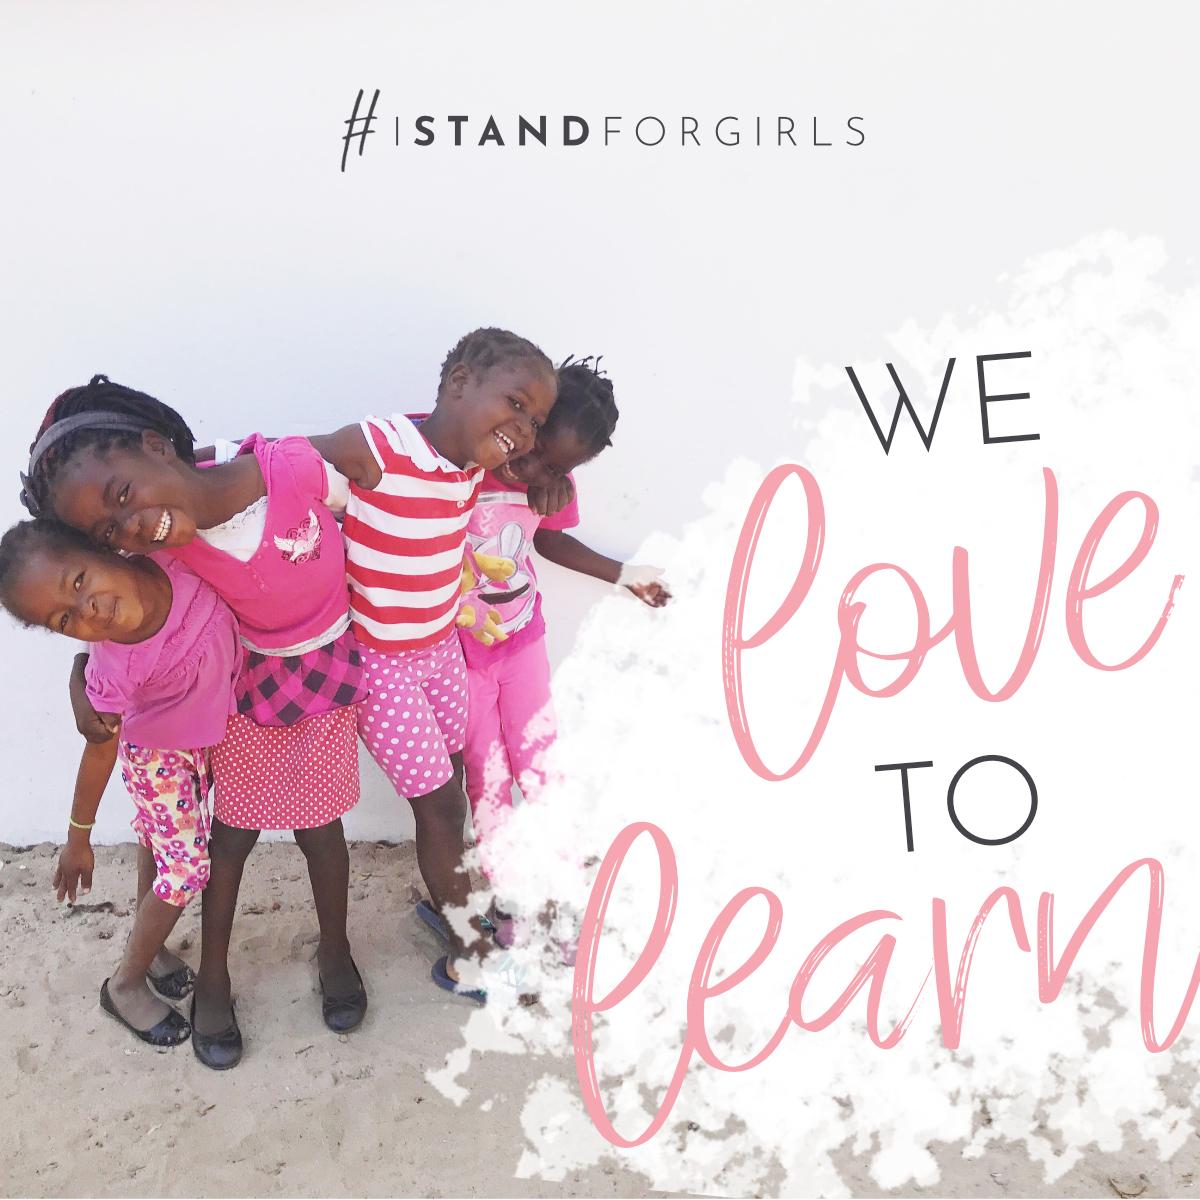 kurandza-i-stand-for-girls-graphic-6.jpg